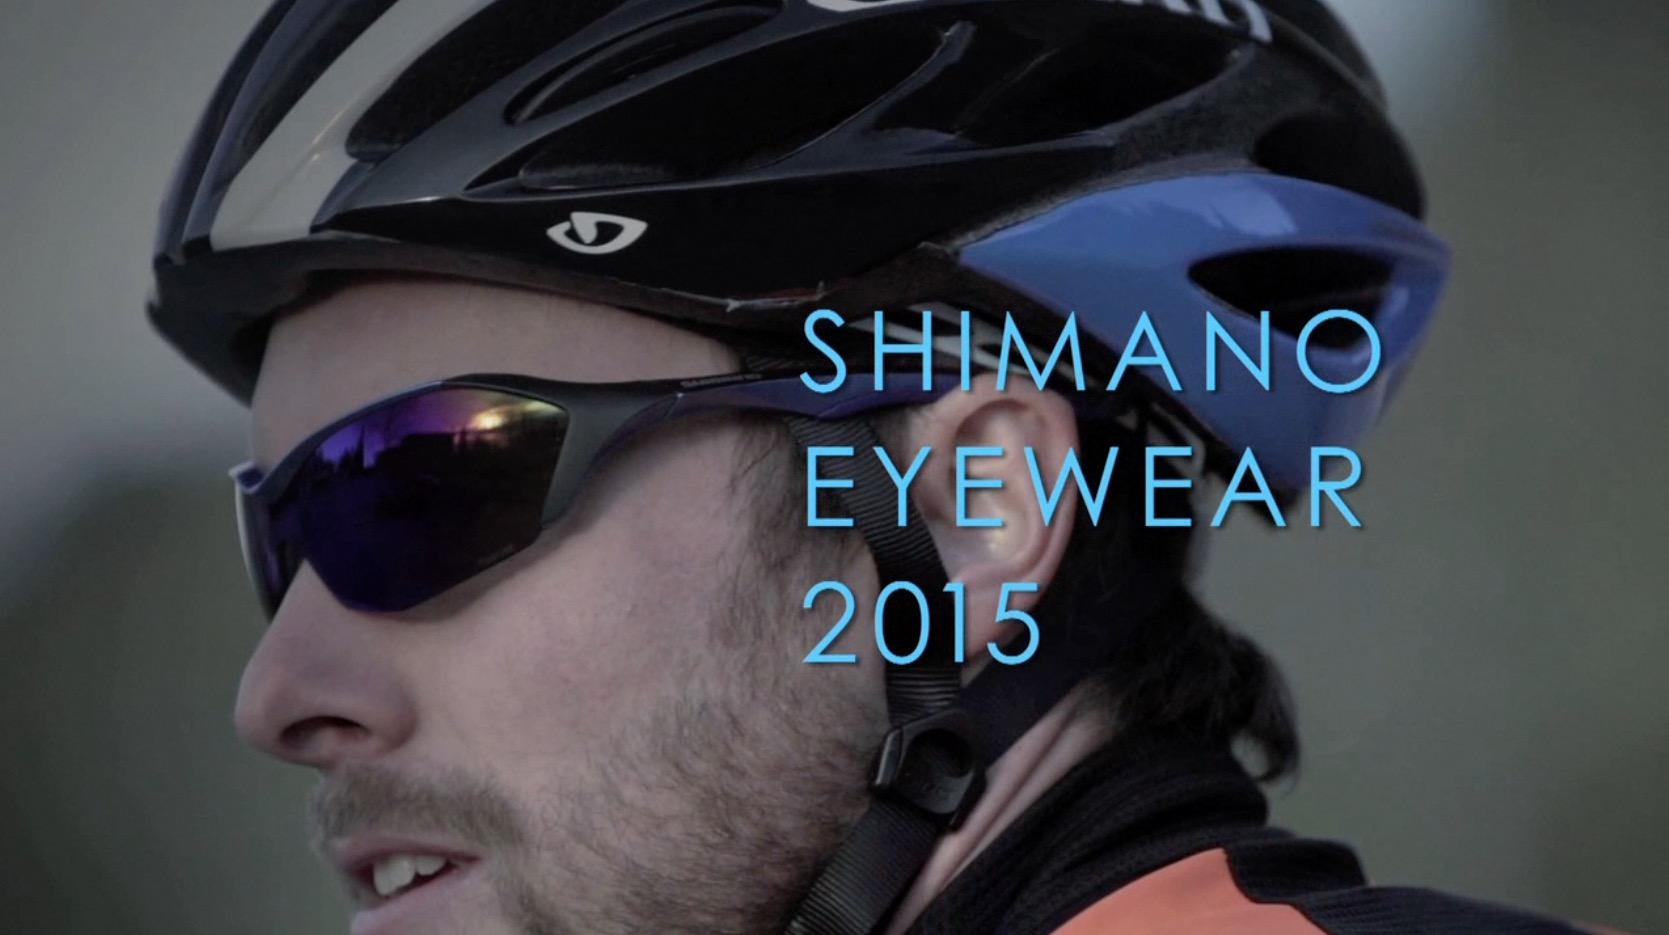 EYE WEAR 2015 | shimano-lifestylegear